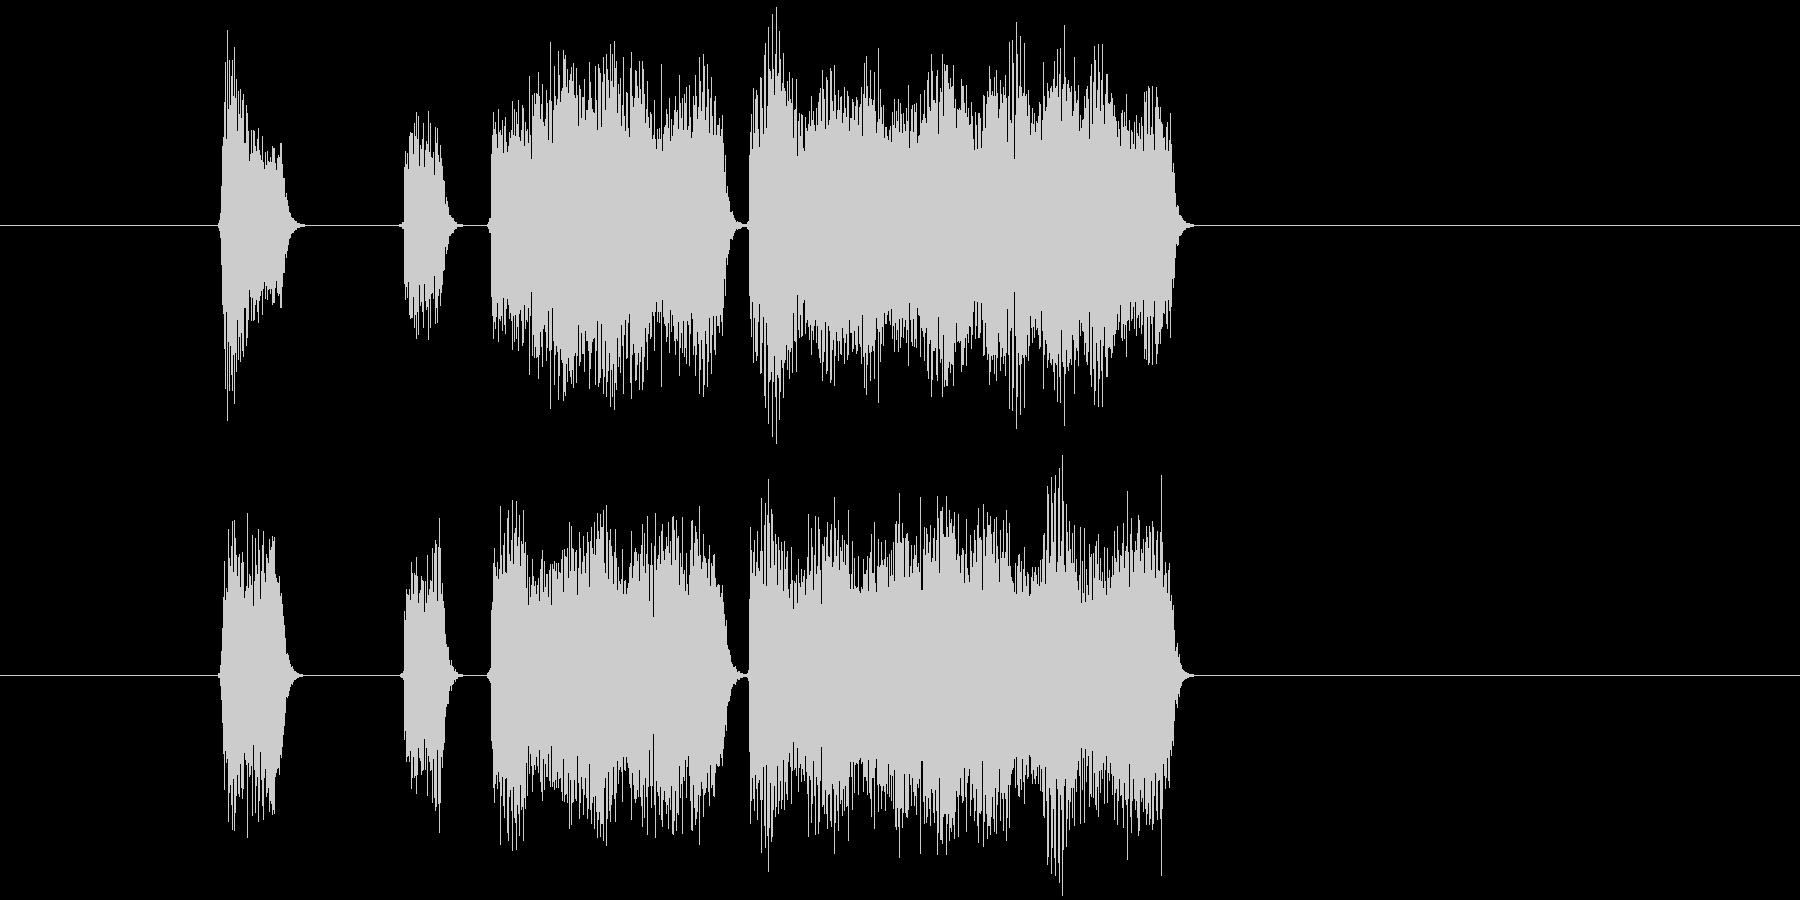 ゲーム、クイズ(正解)_013の未再生の波形